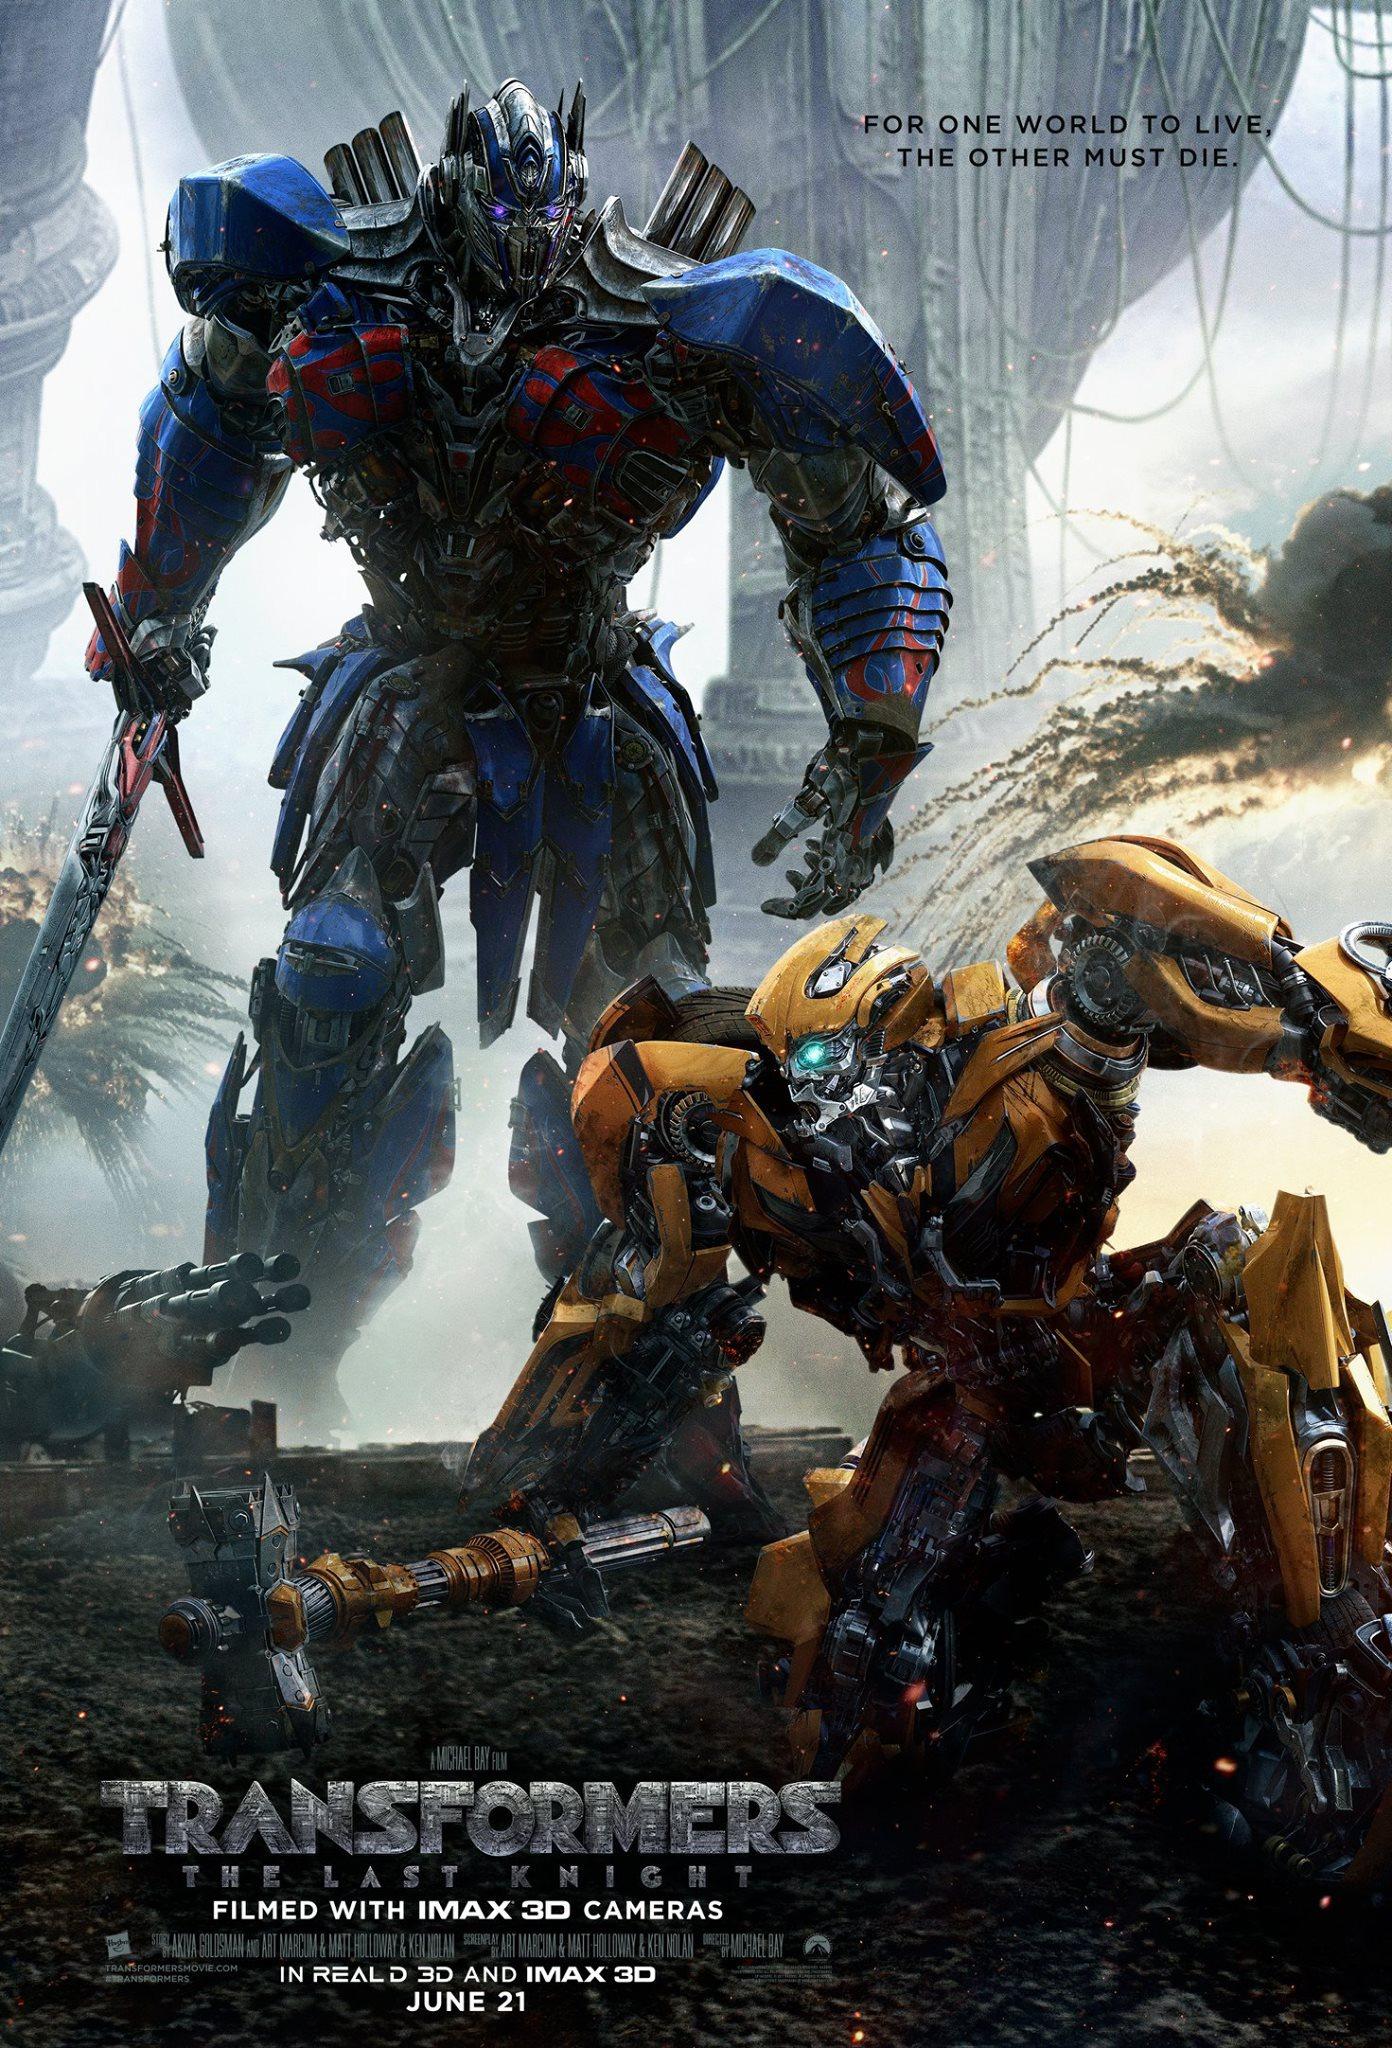 transformerslastknight-poster4